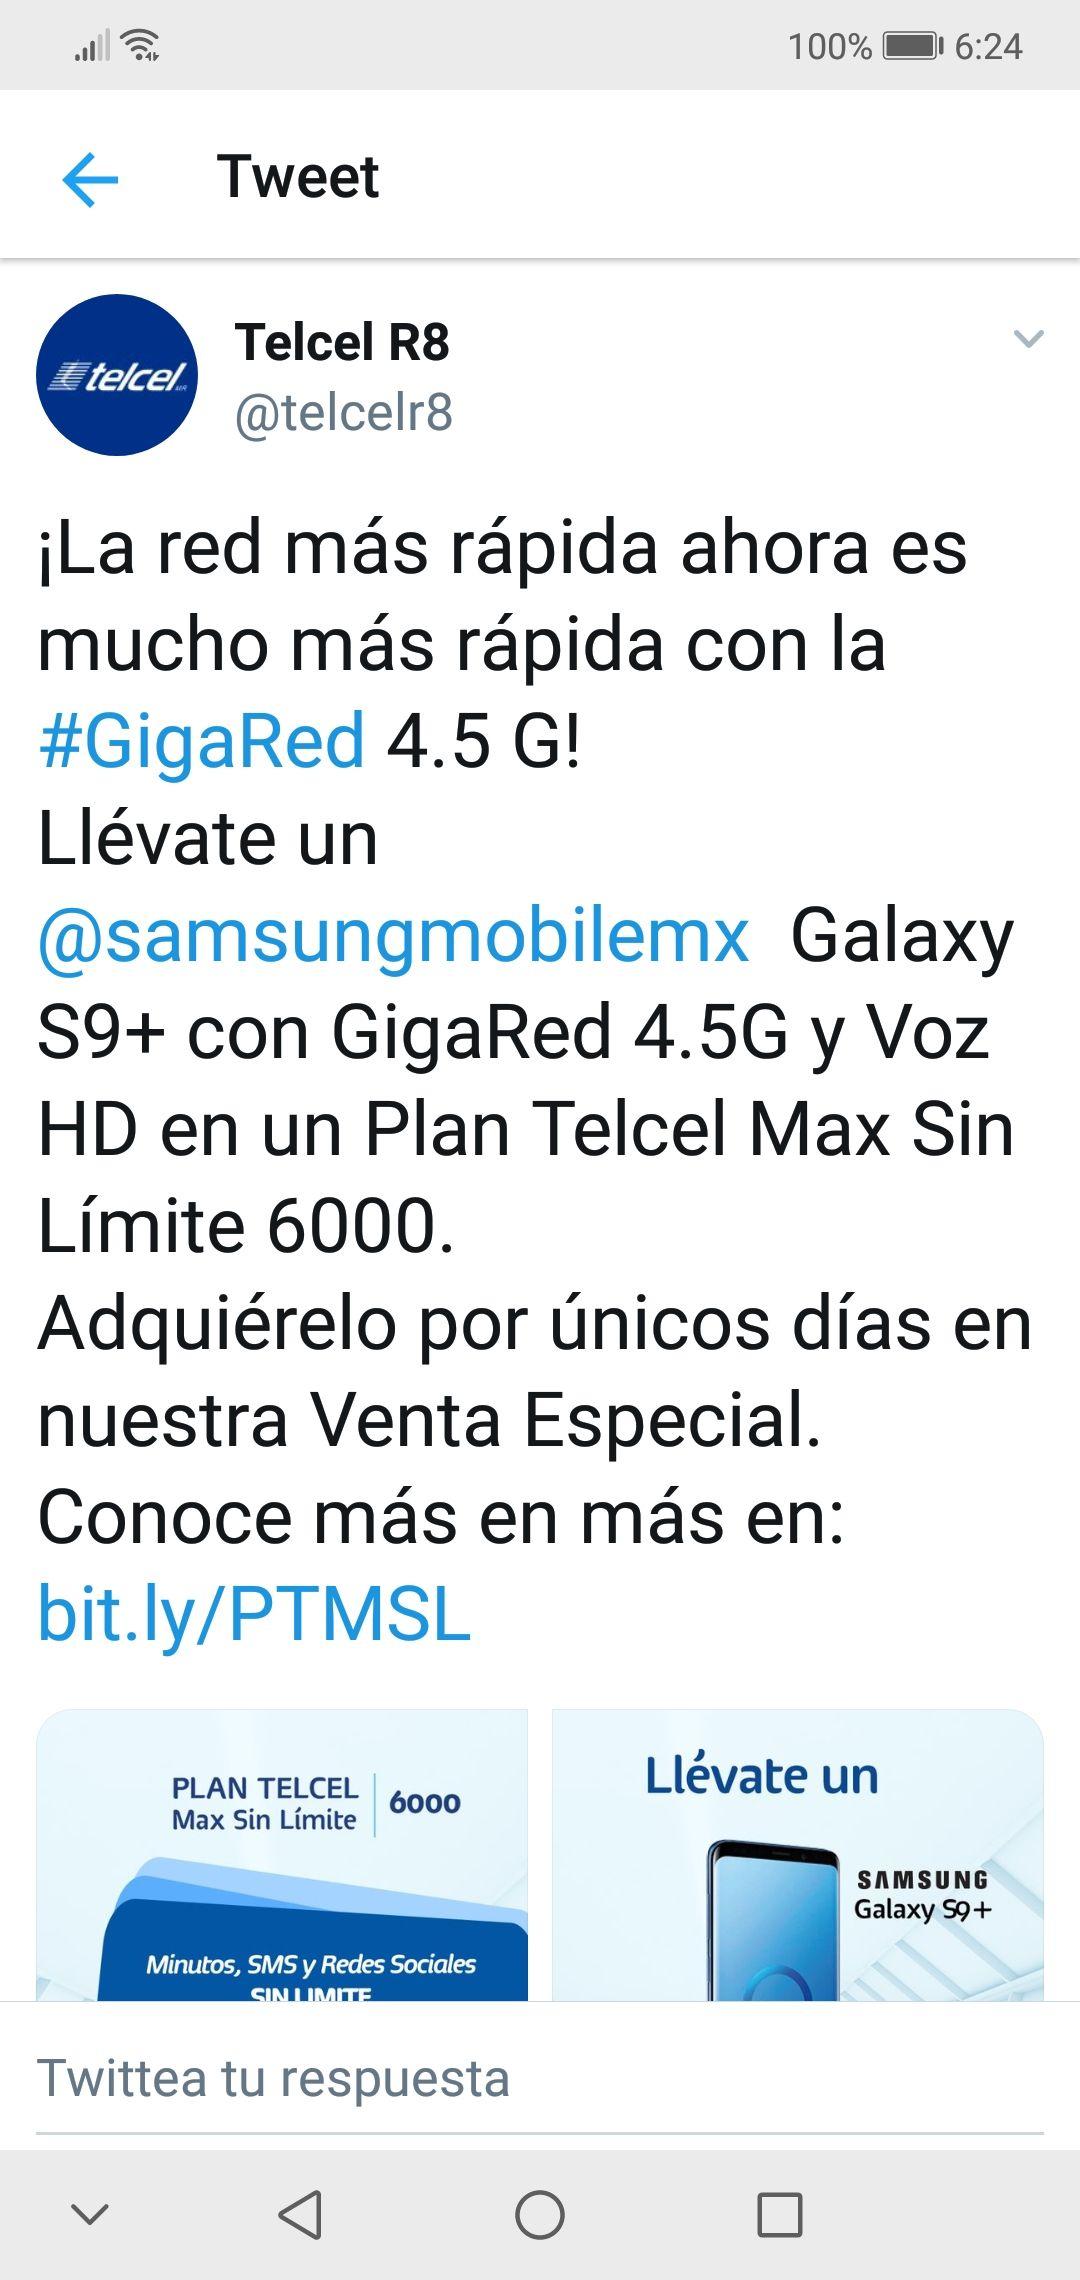 Venta Especial Telcel Samsung Galaxy S9+ en Telcel Max 6000 (599), costo por equipo $250 mensual.